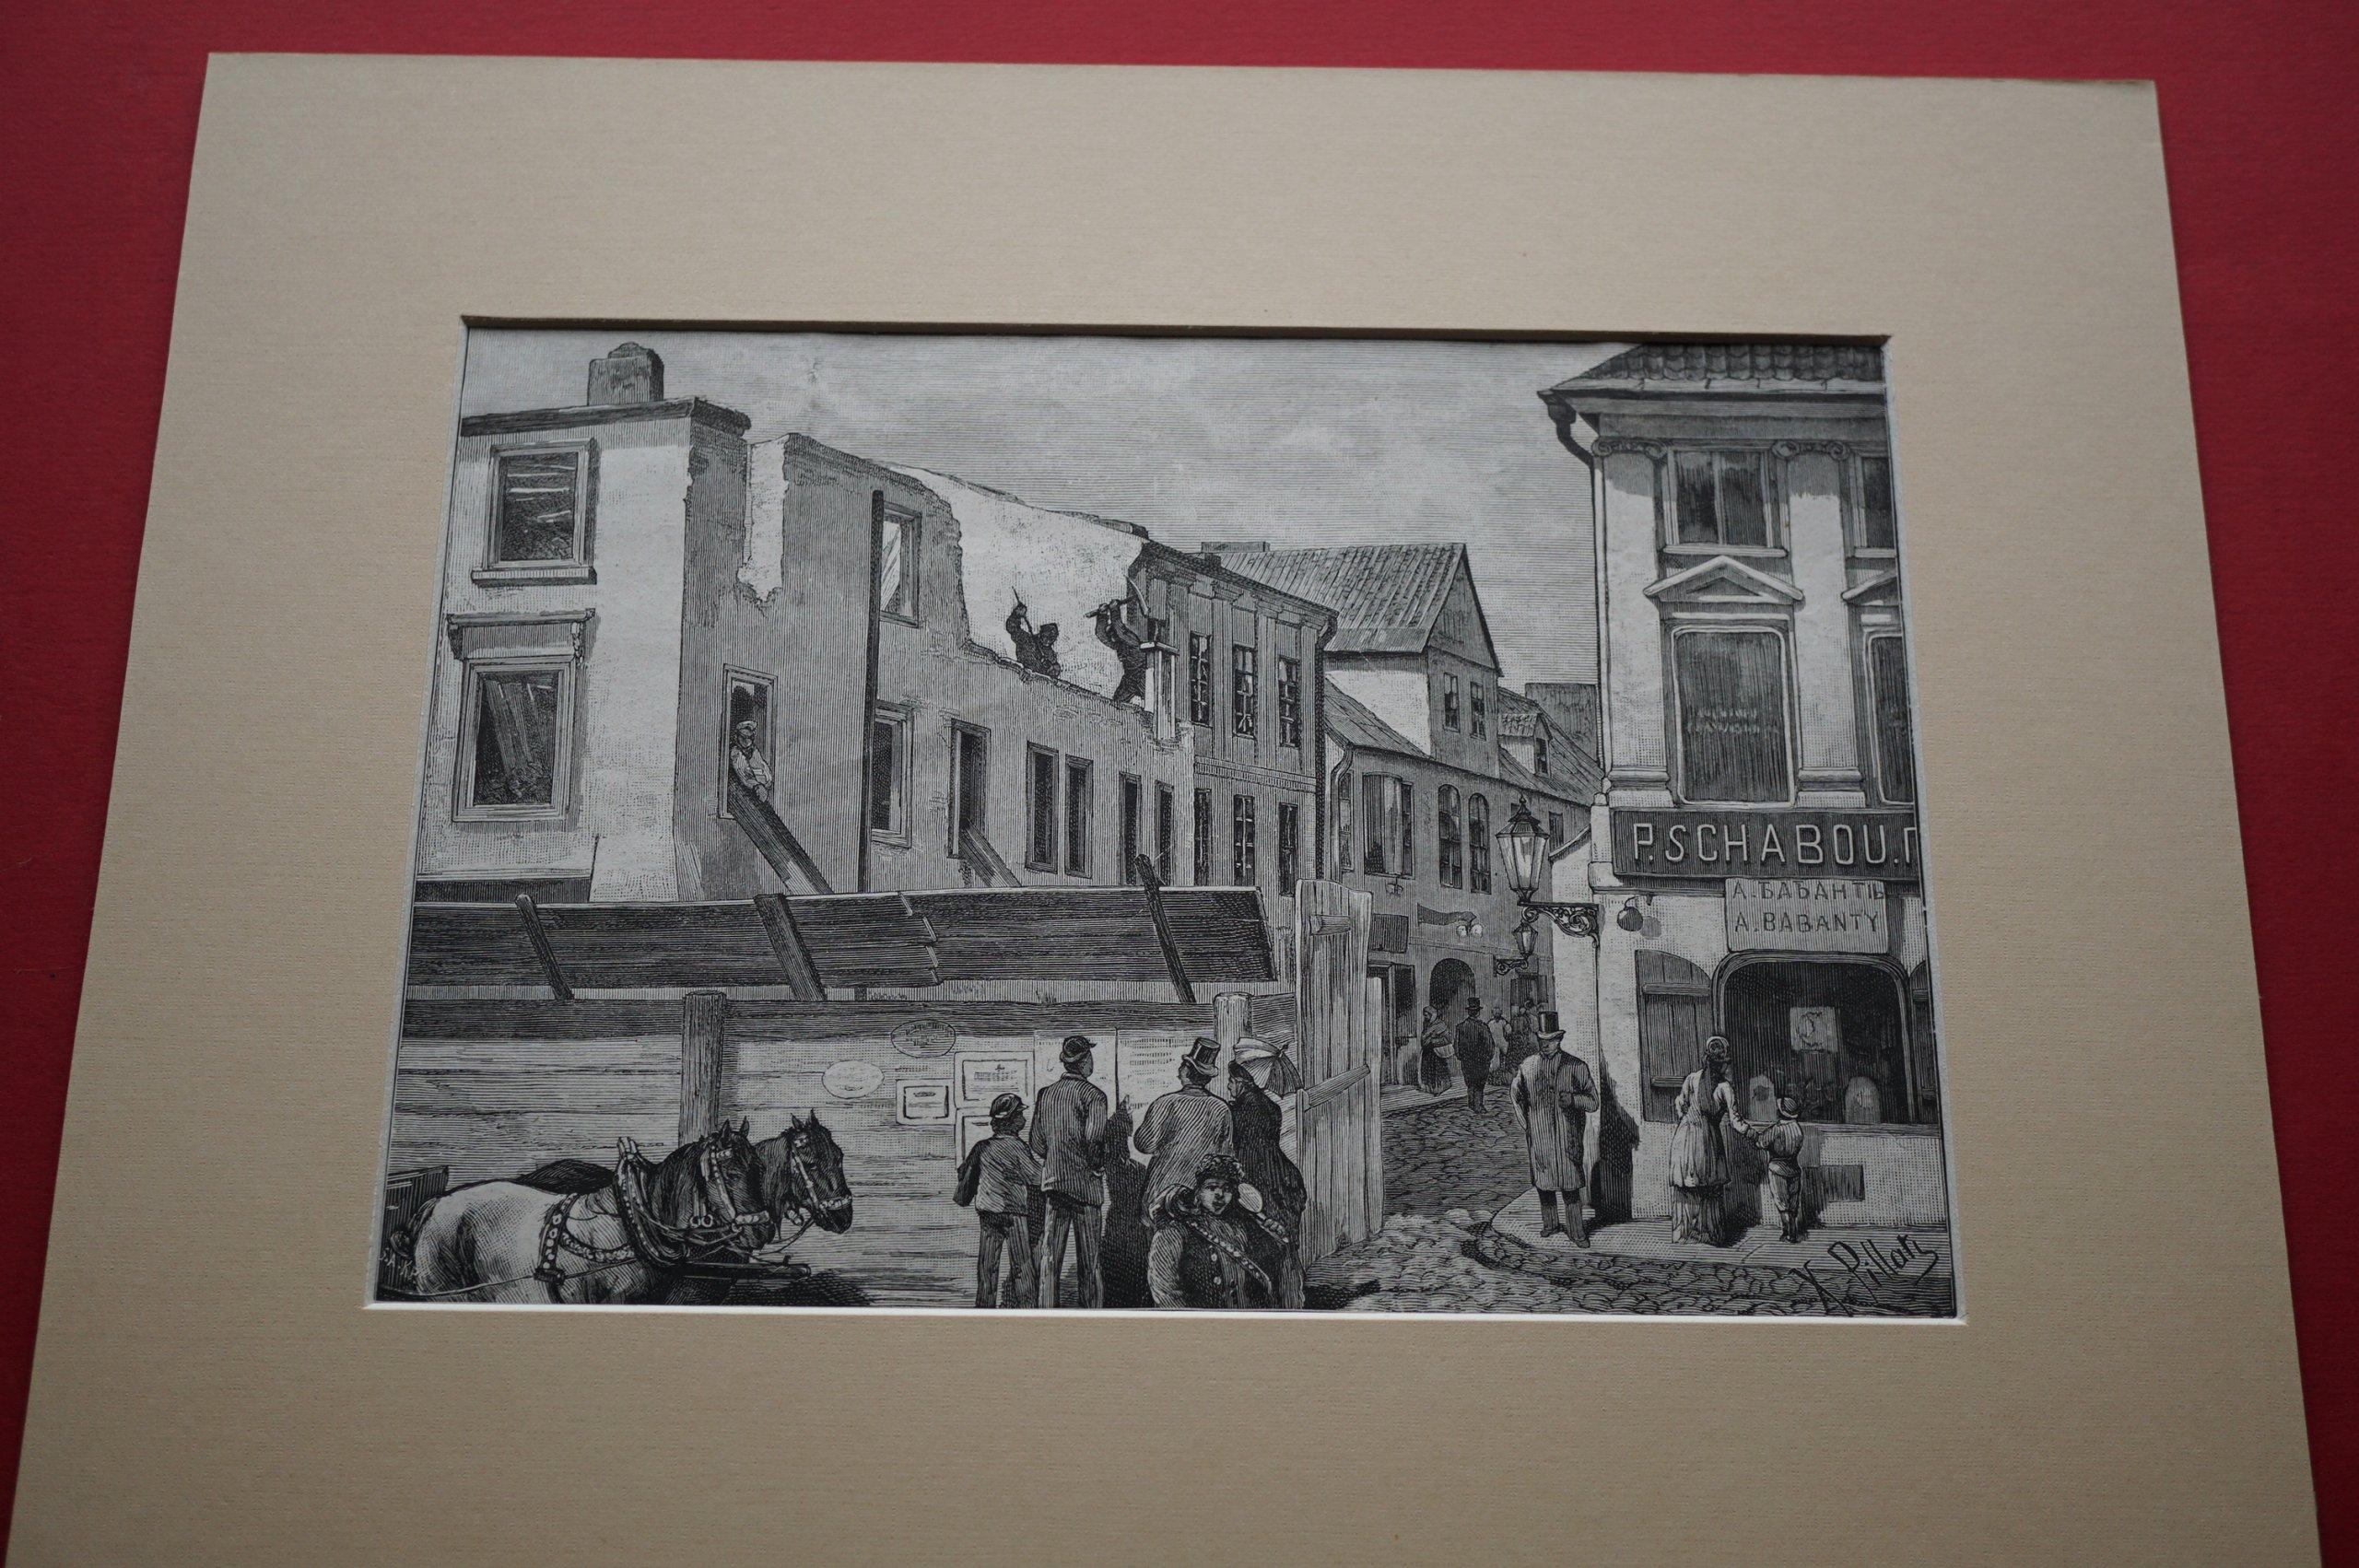 PILLATI K.: Warszawa. Rozbiórka domów. 1882.